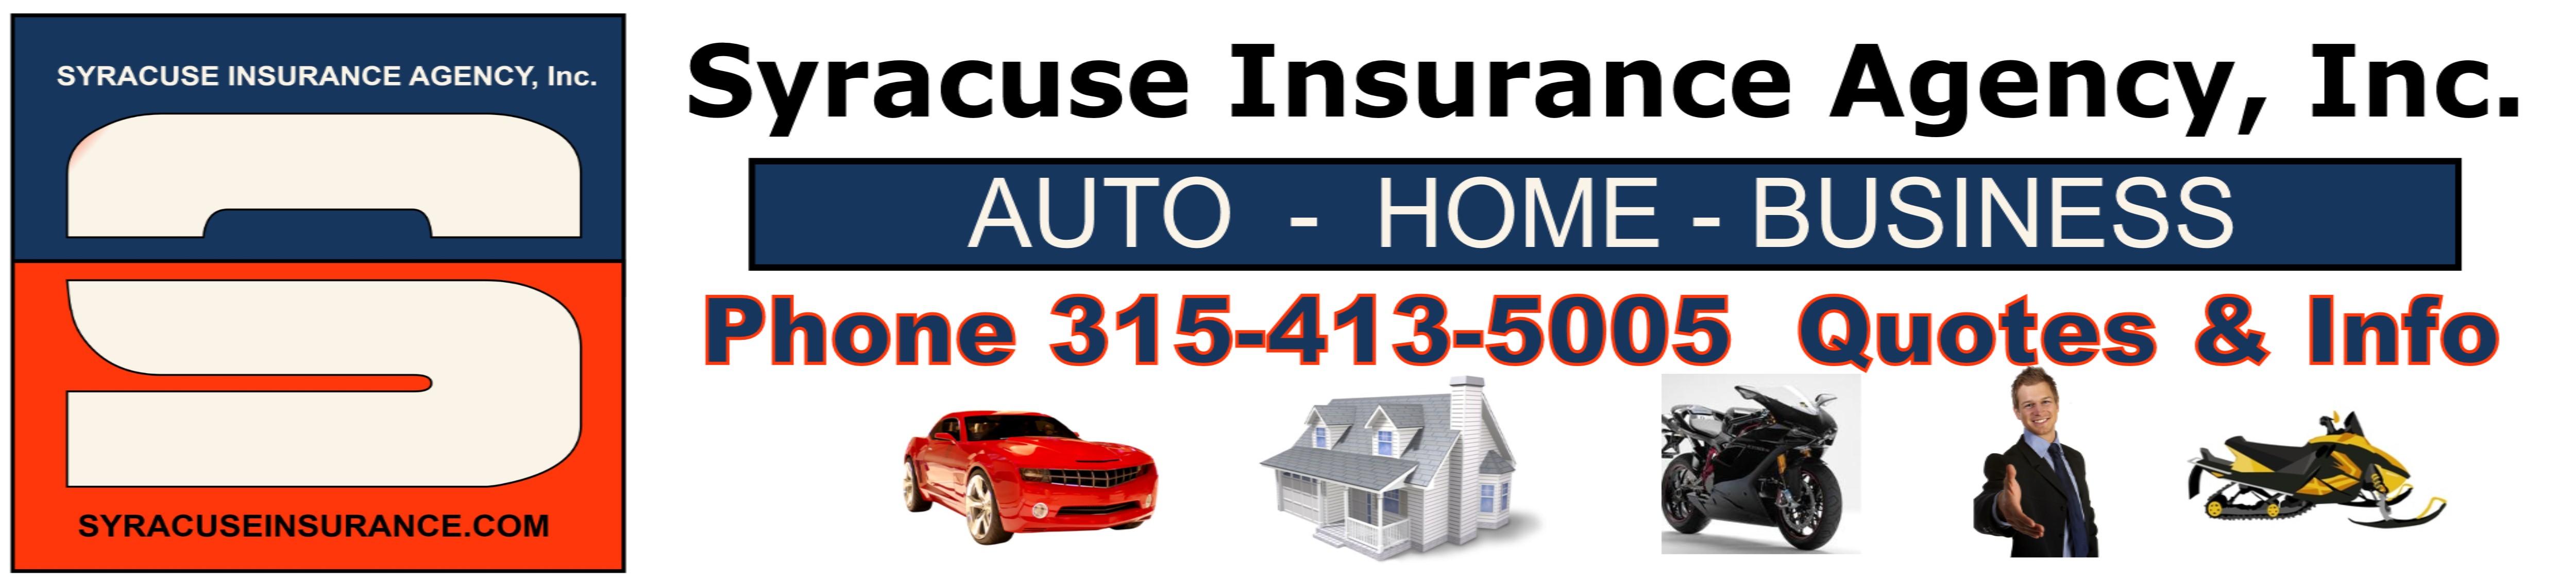 Car insurance in syracuse ny 13